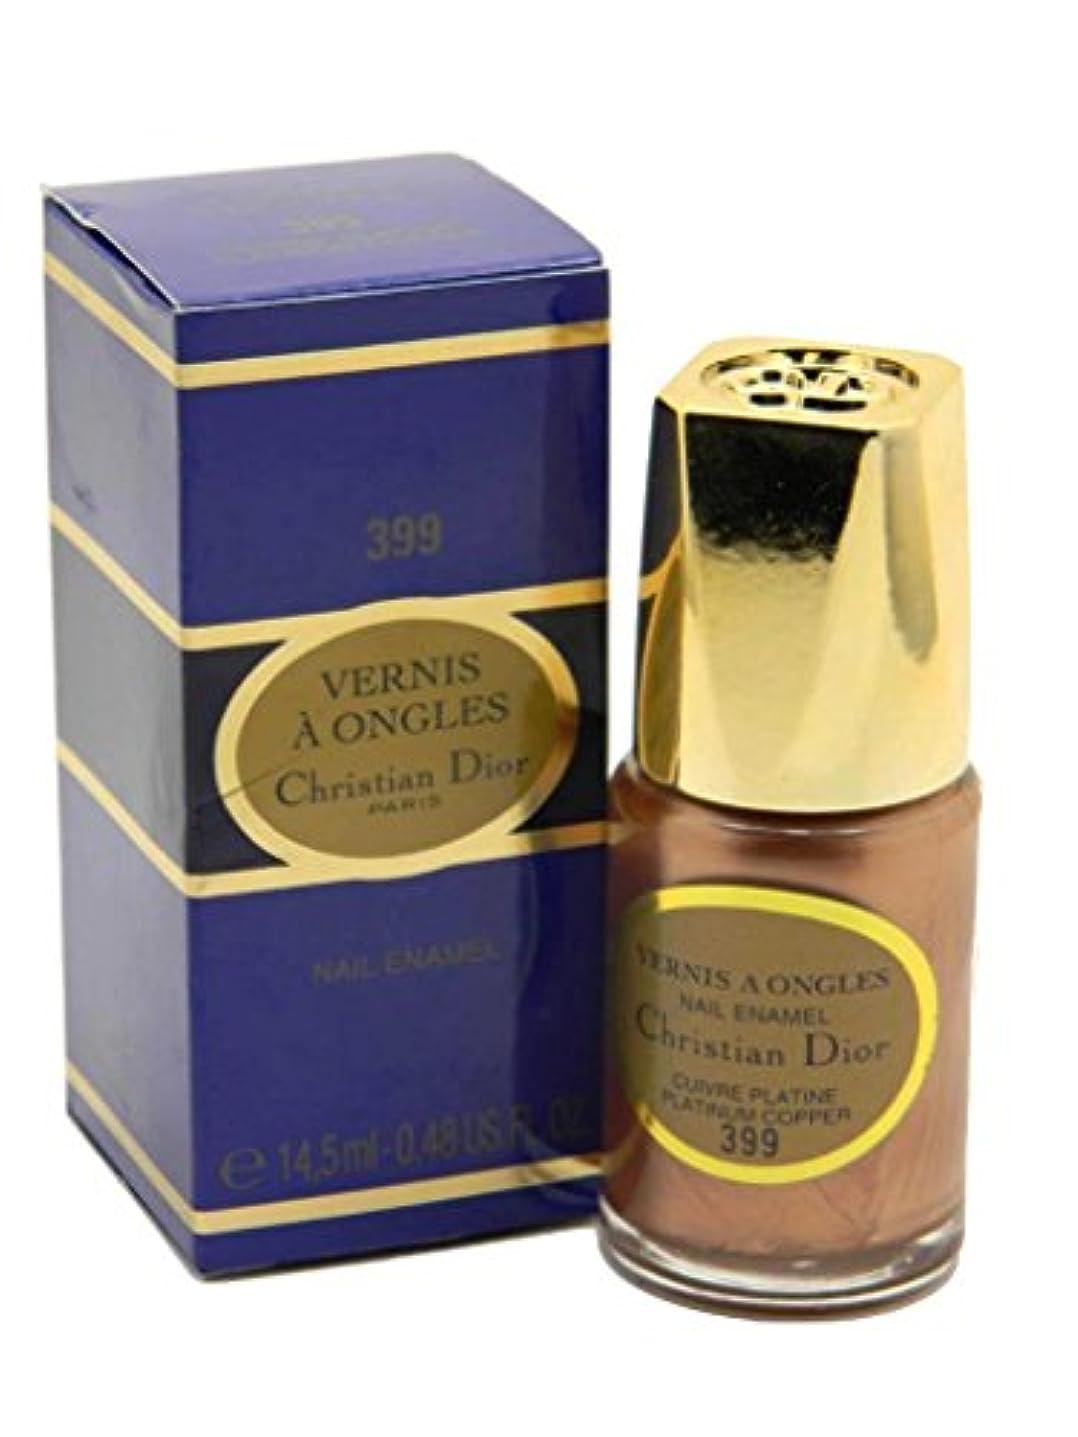 オーチャードプラスチック仮装Dior Vernis A Ongles Nail Enamel Polish 399 Platinum Copper(ディオール ヴェルニ ア オングル ネイルエナメル ポリッシュ 399 プラチナカッパー) [並行輸入品]